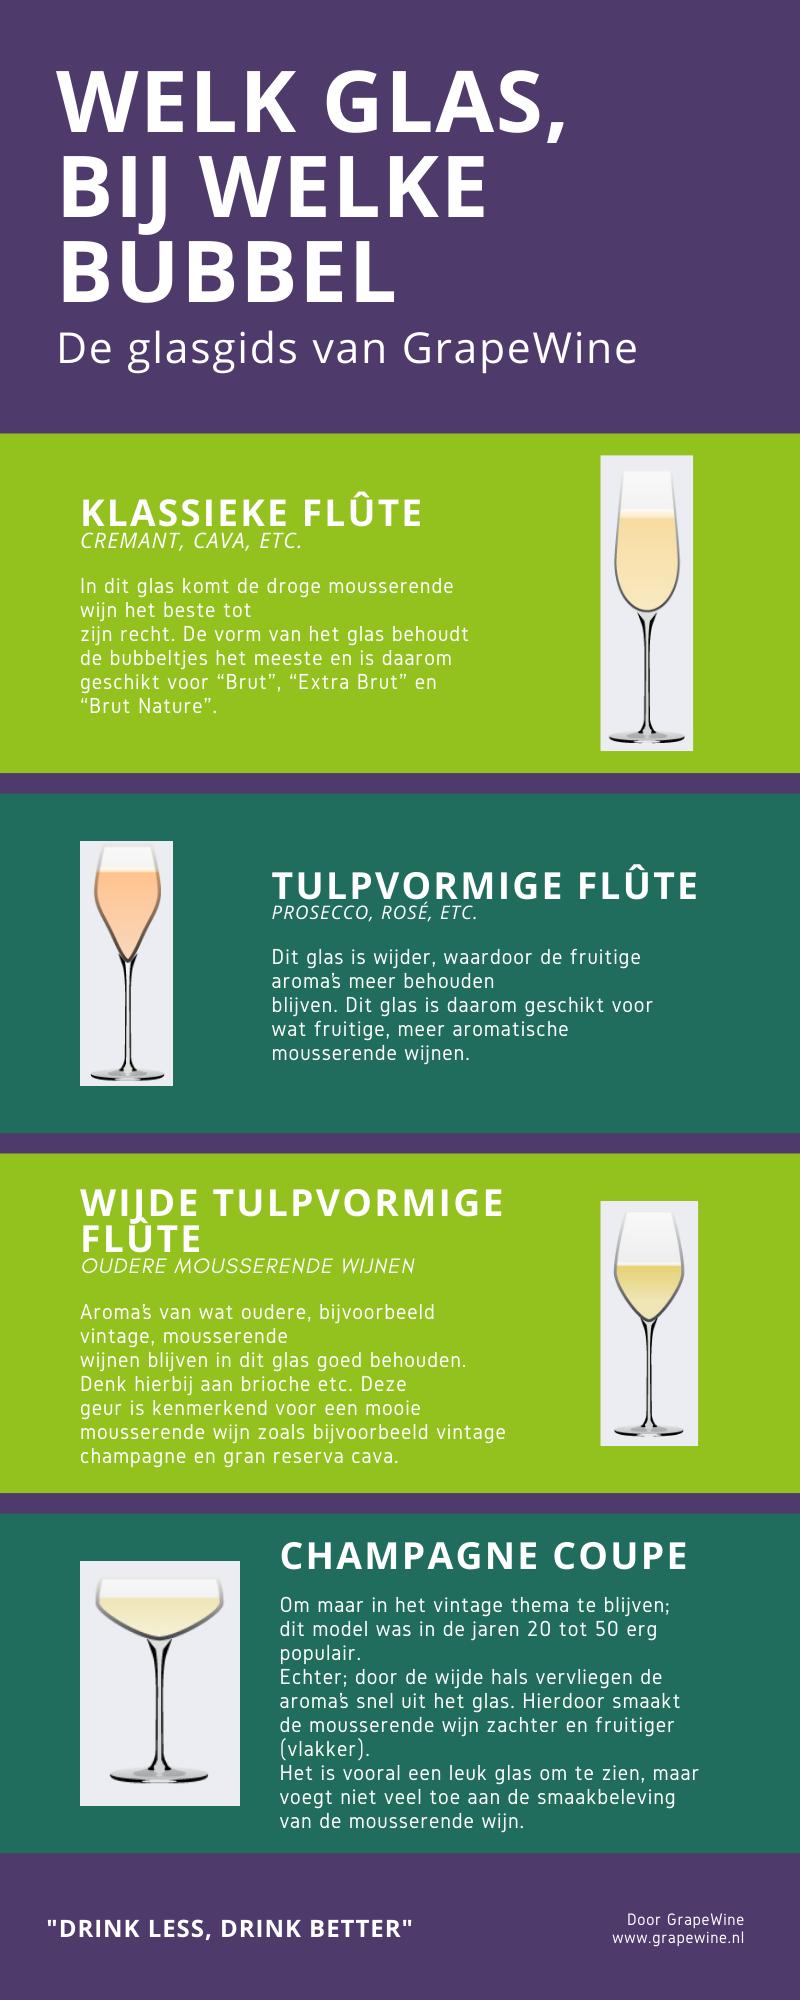 Welk glas, bij welke mousserende wijn